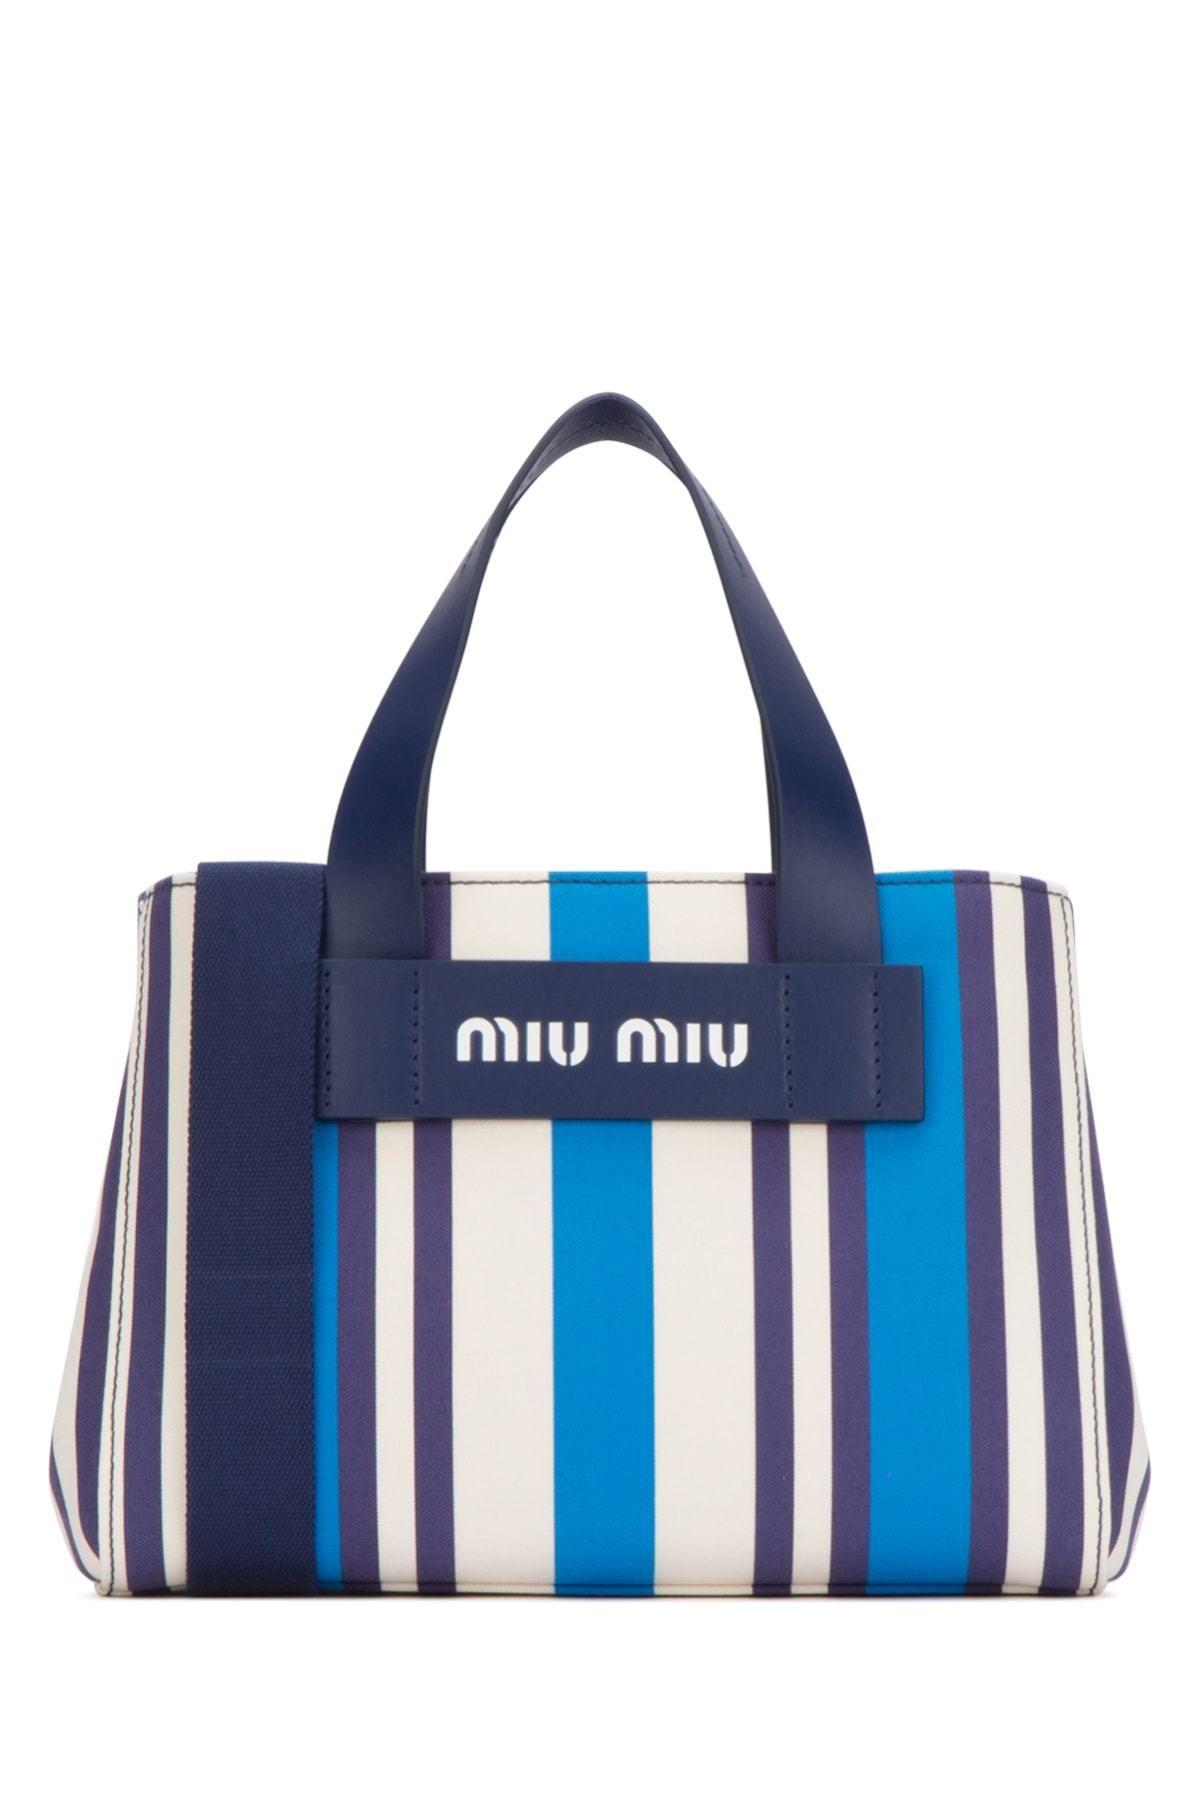 Miu Miu Miu Miu Striped Top Handle Carry Bag Miumiu